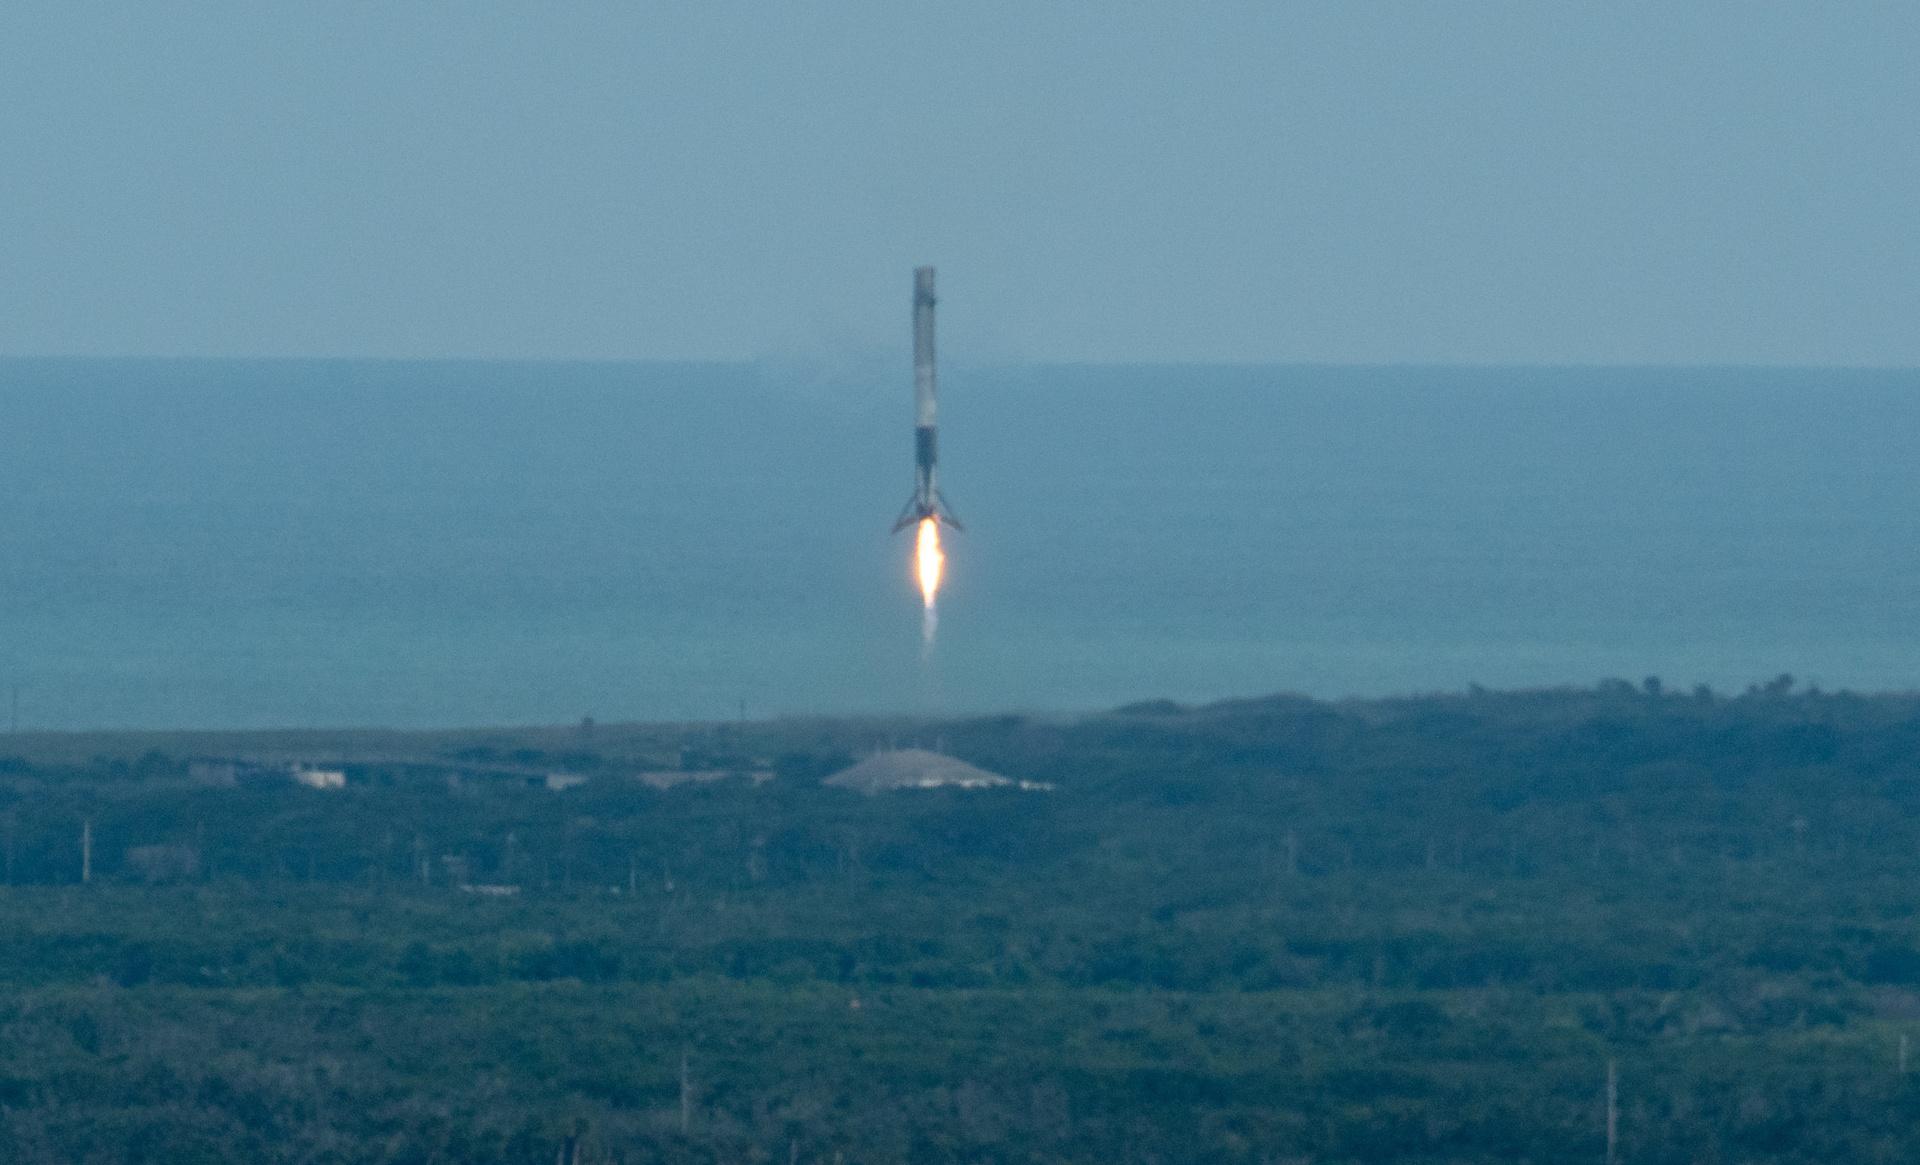 [recovery mode] Что грузовик Dragon доставит на МКС 5 июня 2017 года: обзор экспериментов